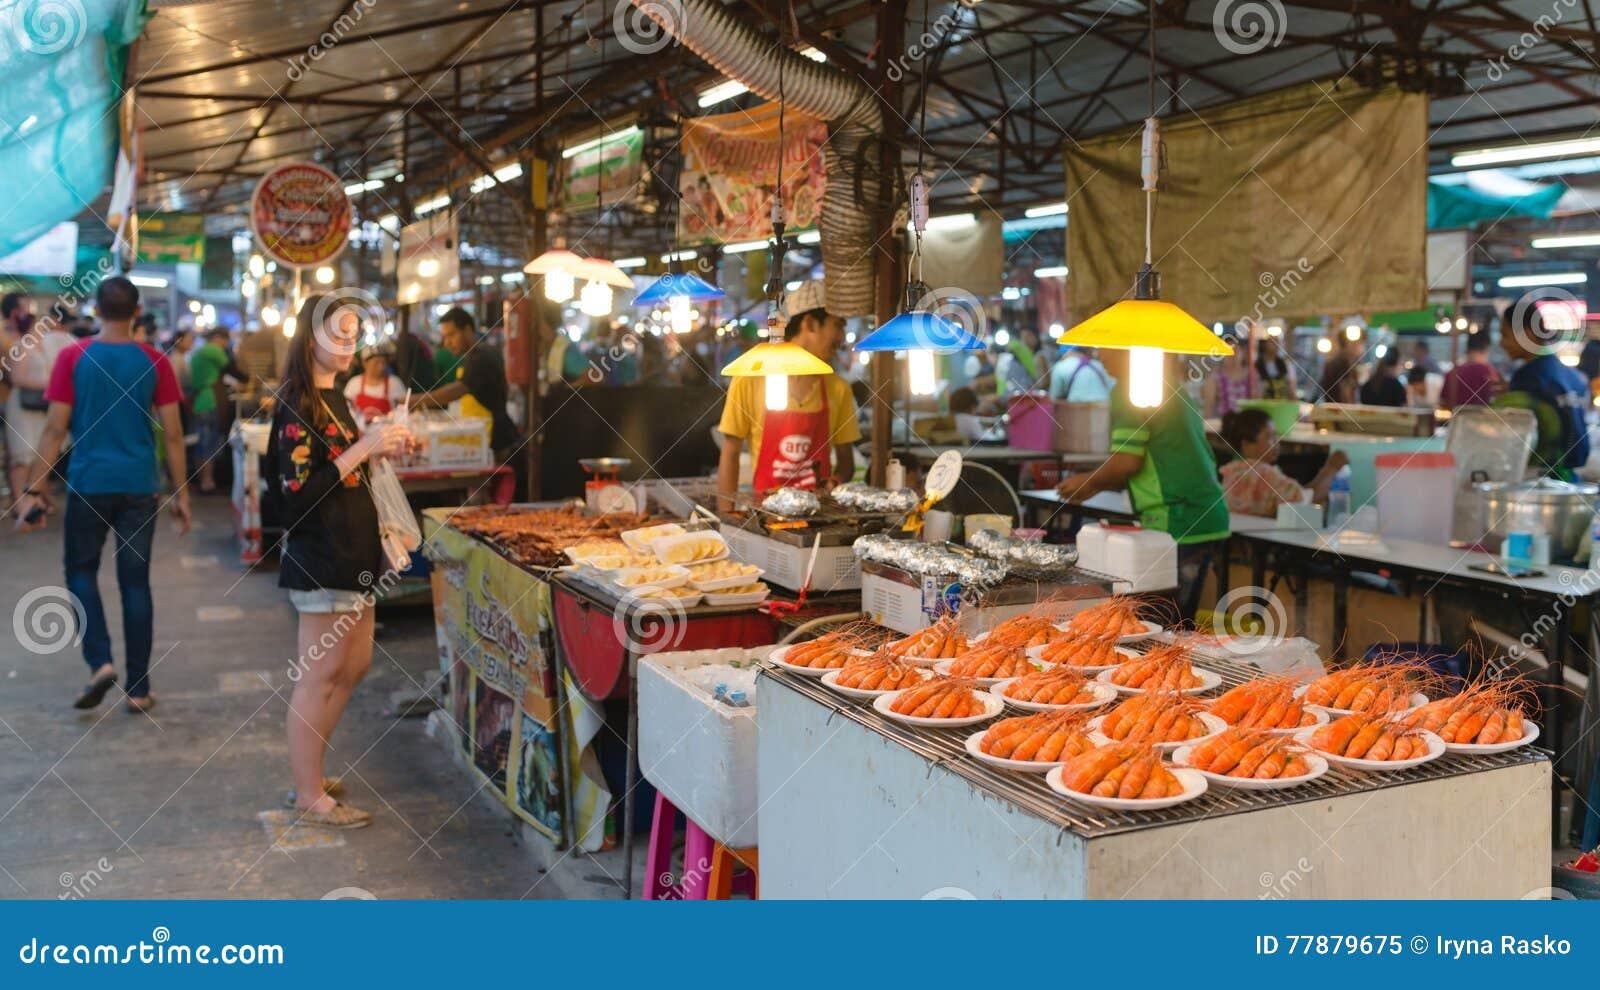 Zona De Restaurantes Tailandesa En Mercado De La Noche Del Fin De Semana En La Ciudad De Phuket Imagen editorial